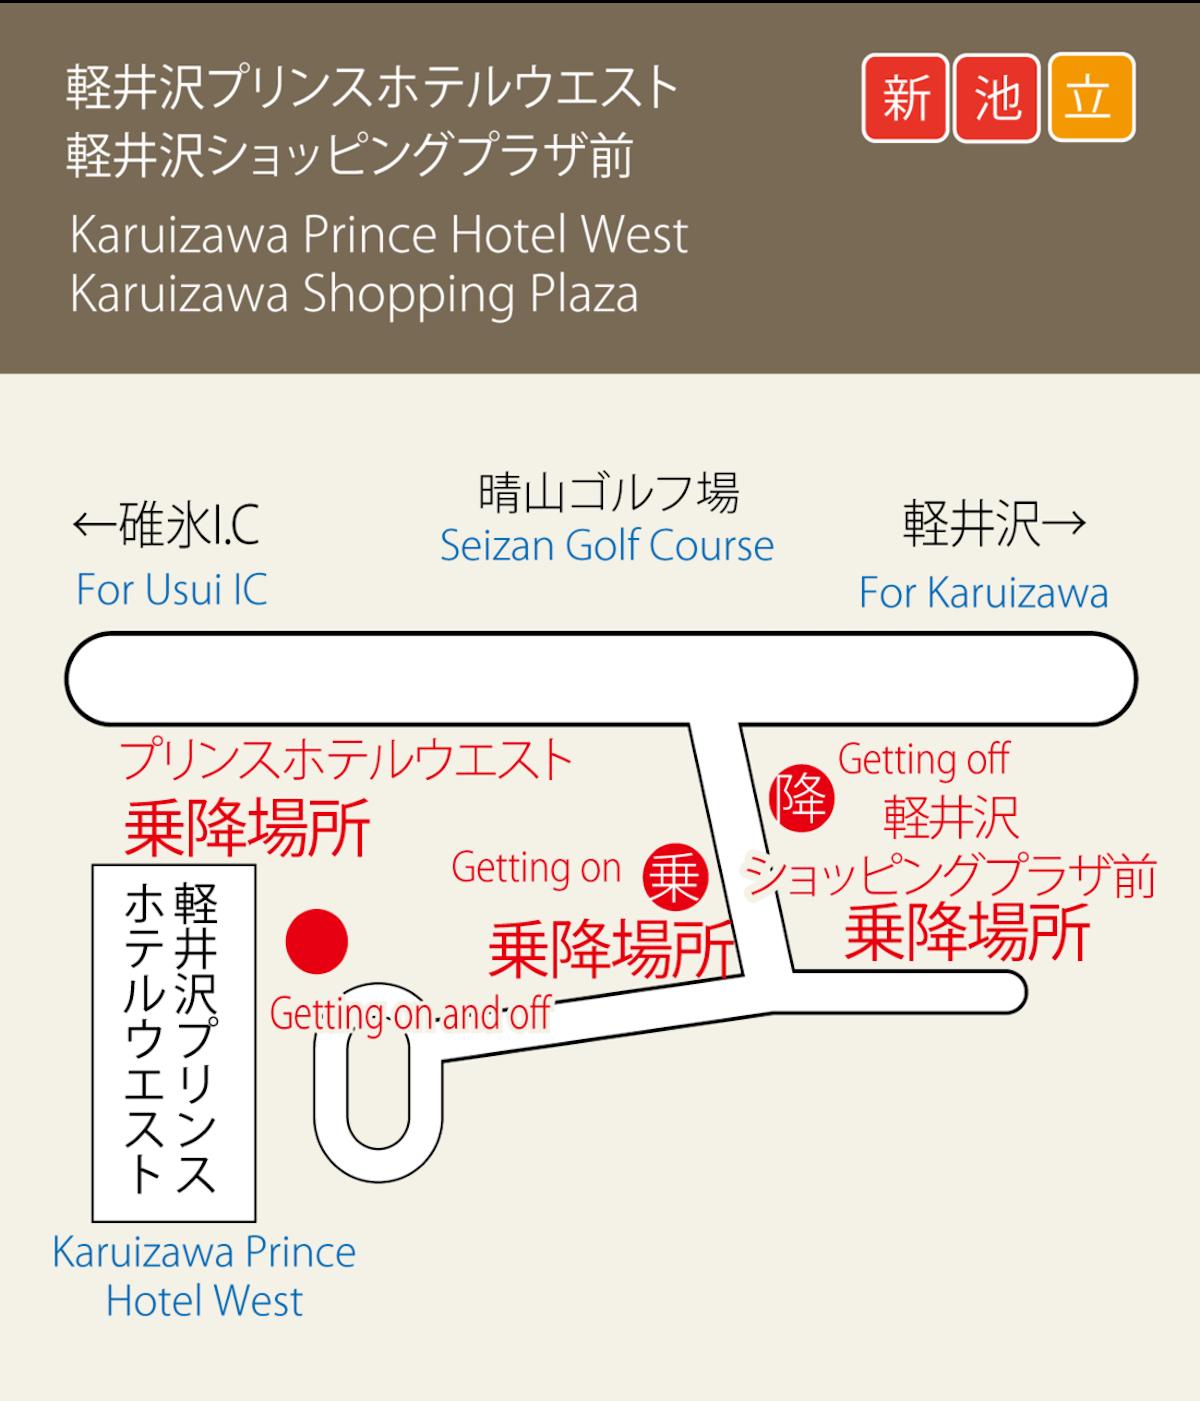 軽井沢プリンスホテルウエスト/軽井沢ショッピングプラザ前